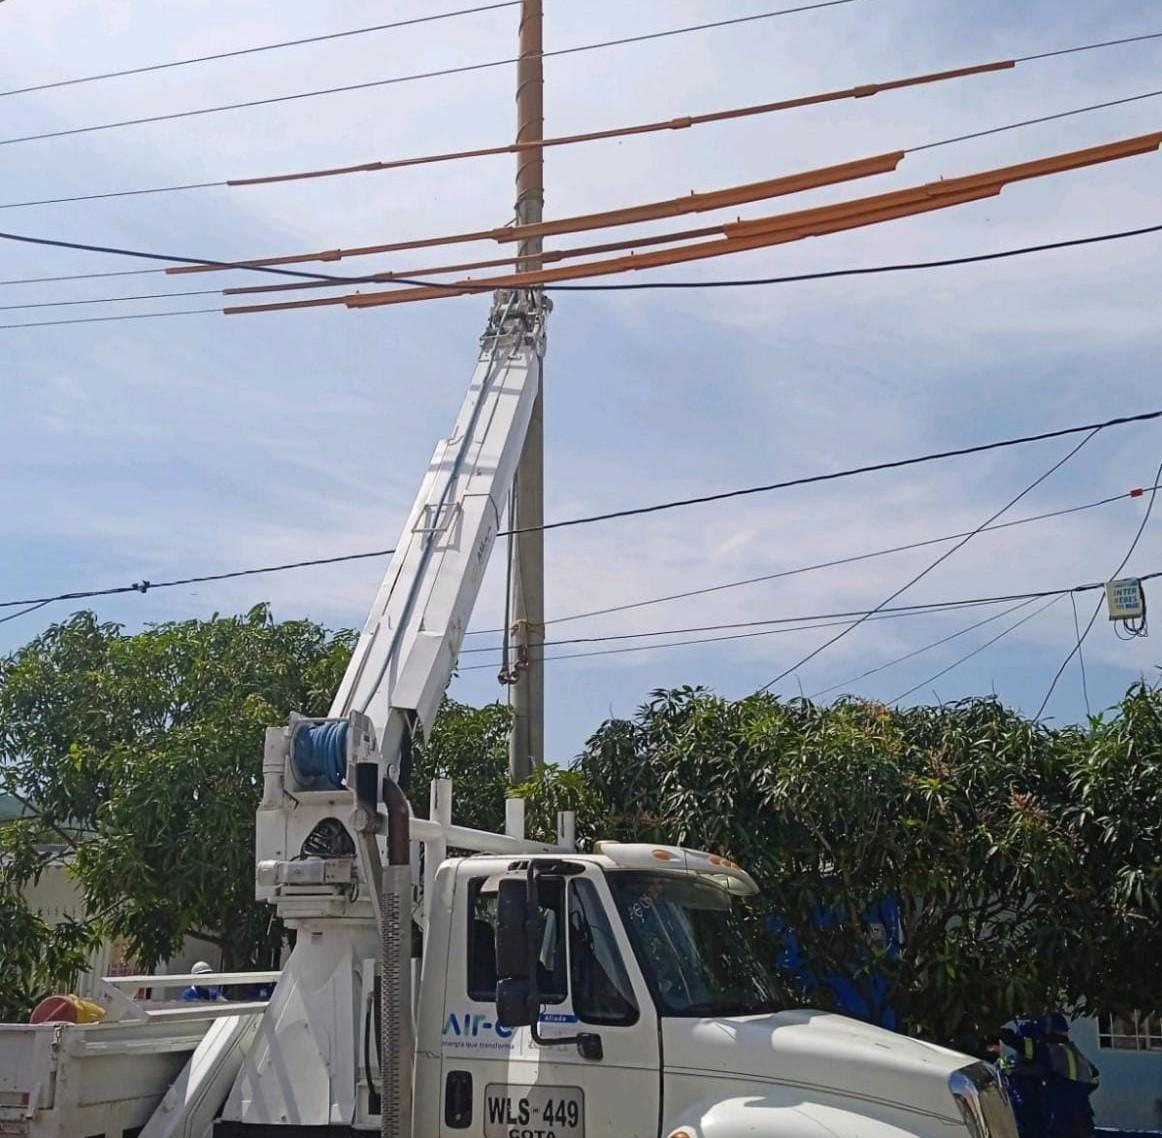 Este jueves 2 de septiembre Instalación de redes eléctricas en el circuito Galapa – @Aire_Energia